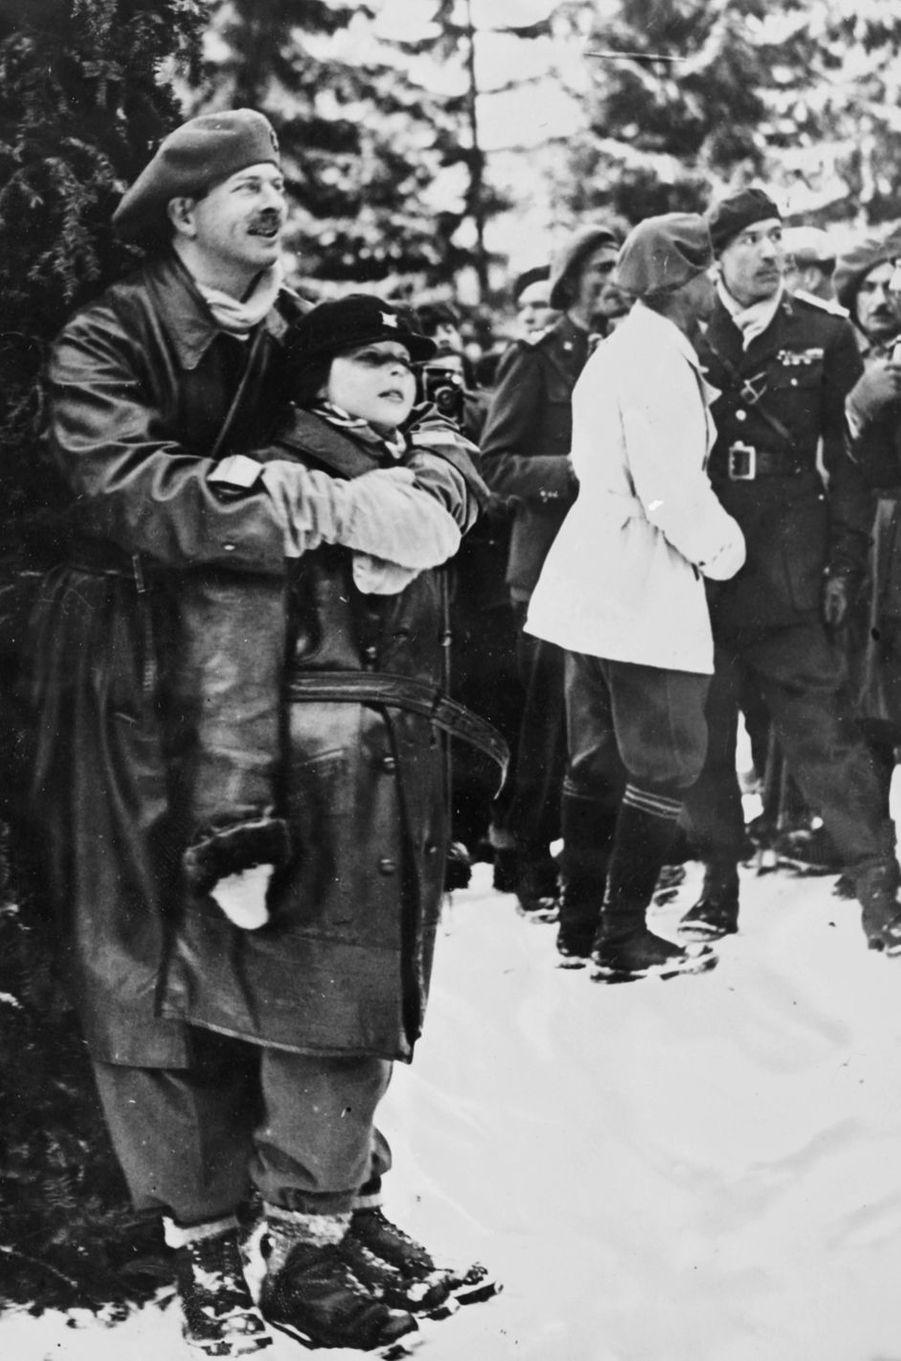 L'ex-roi Michel de Roumanie, avec son père le roi Carol II, le 4 février 1932 à Predeal